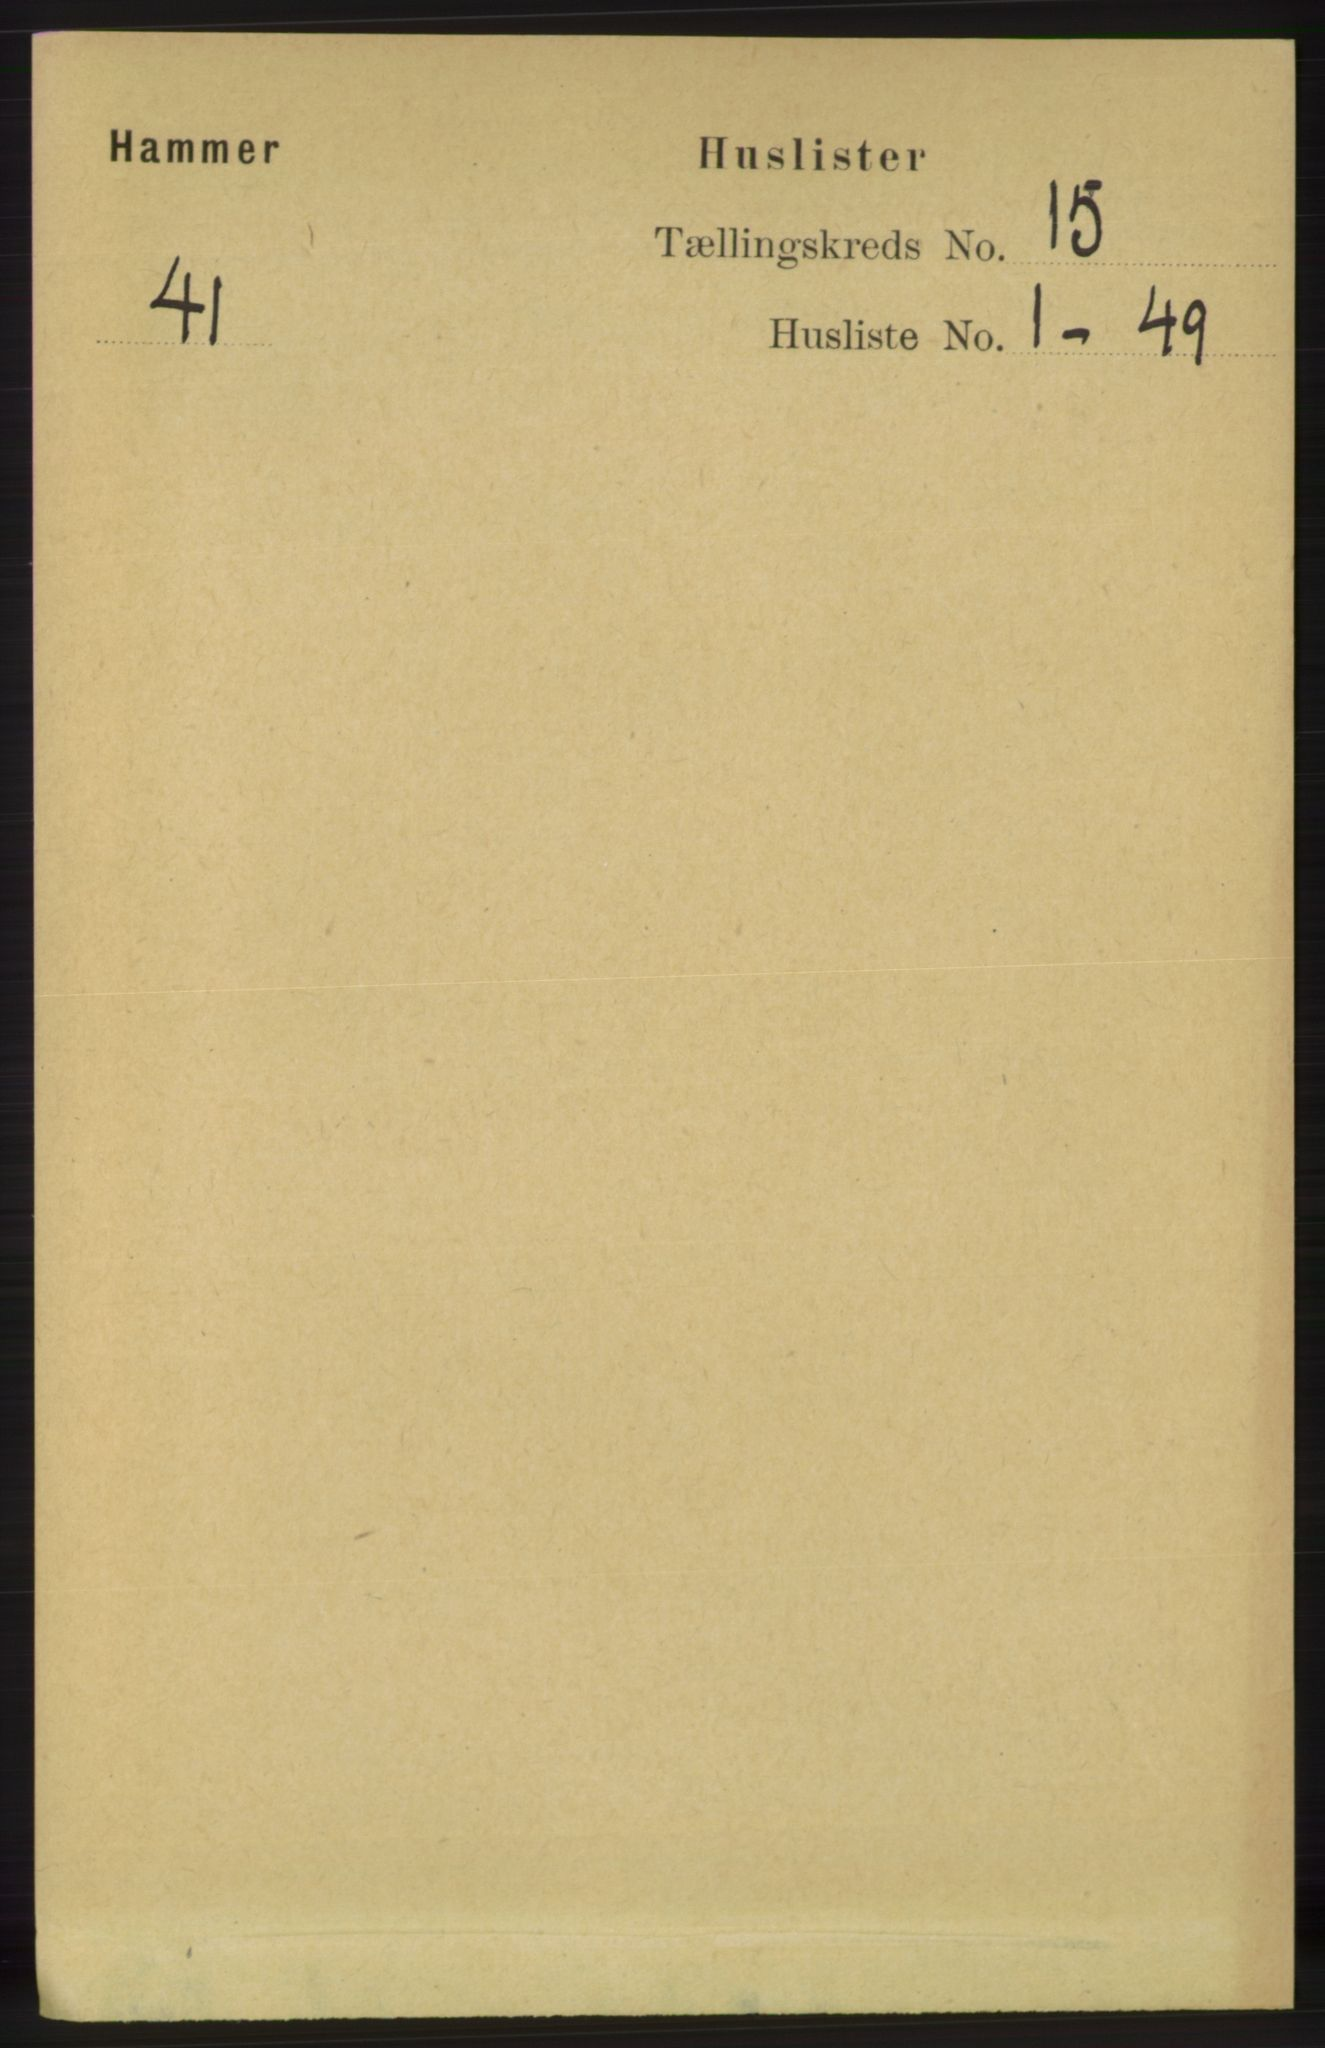 RA, Folketelling 1891 for 1254 Hamre herred, 1891, s. 4638